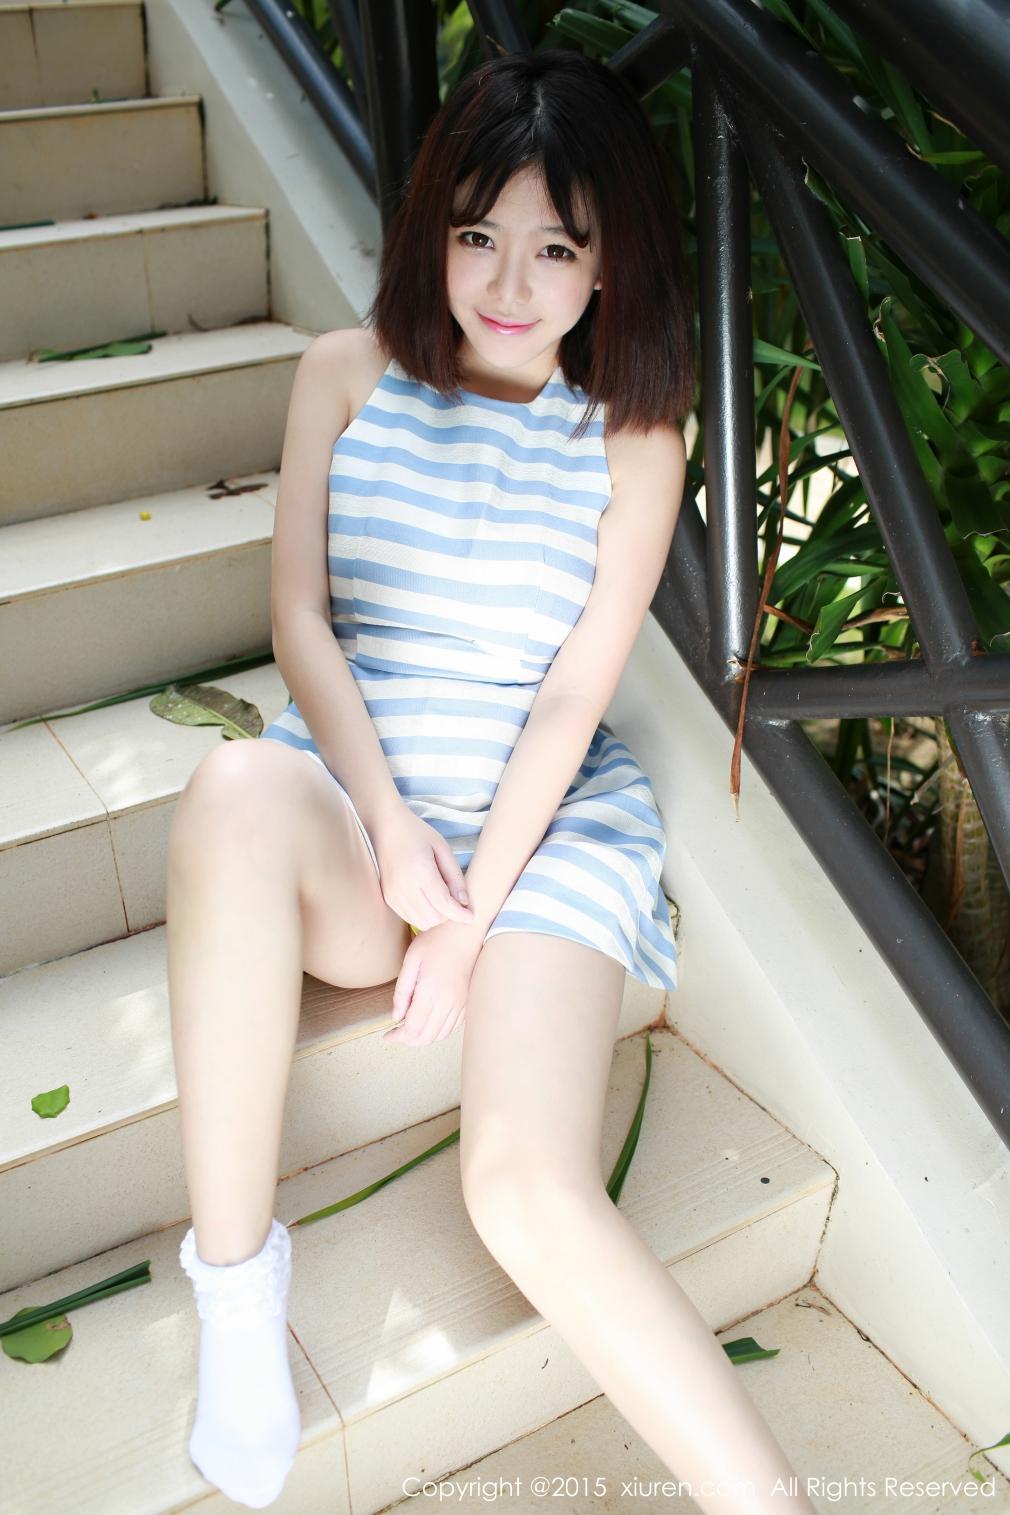 022 - XiuRen No.362 Faye